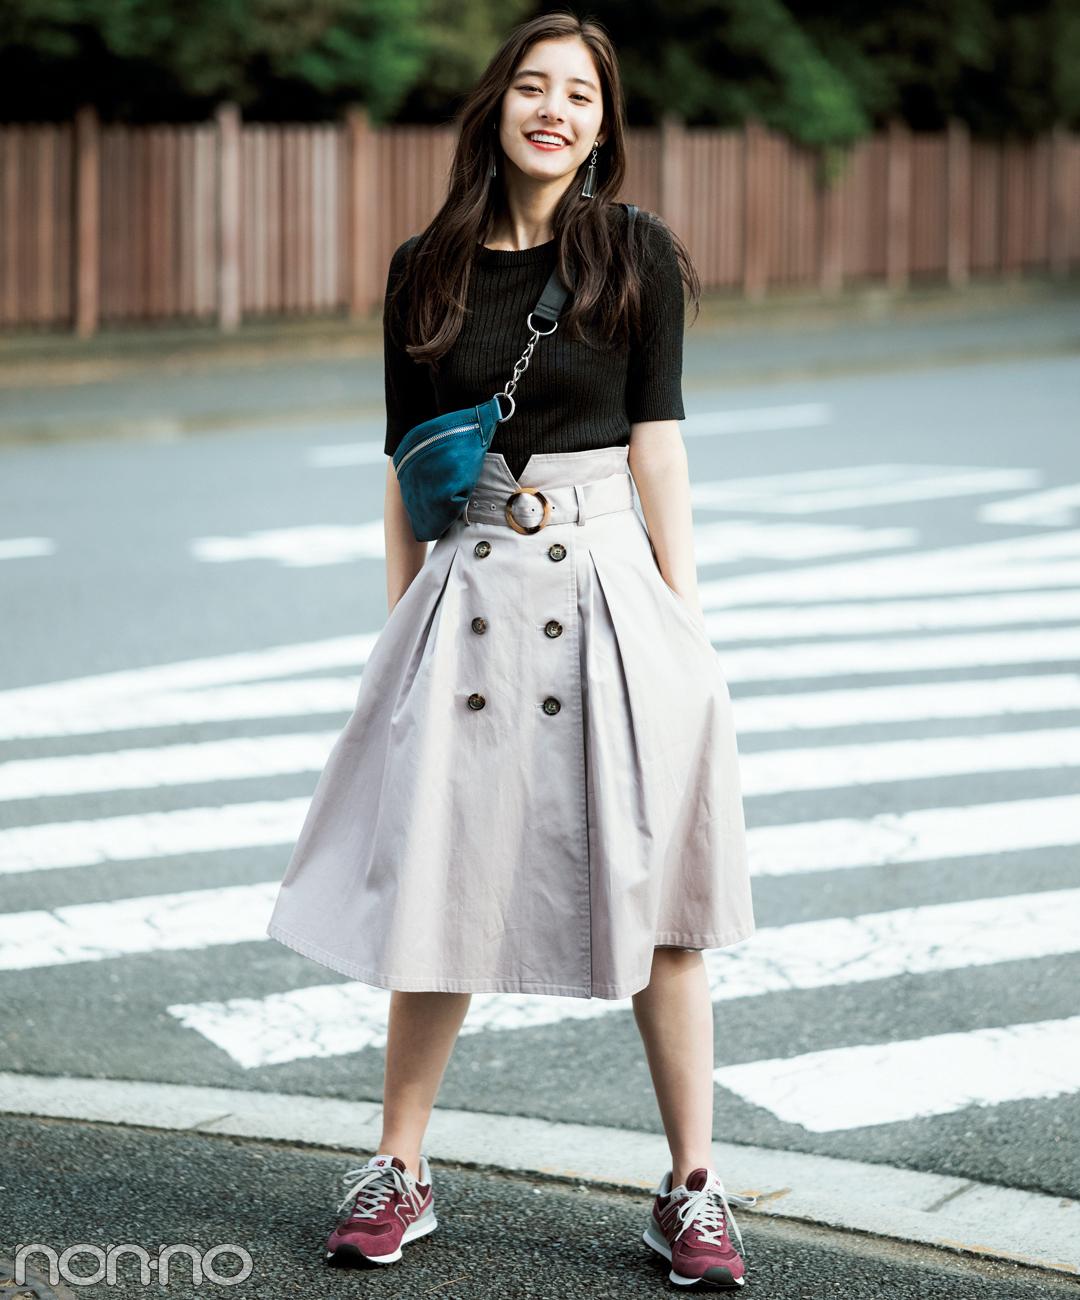 新木優子はトレンチスカートでトレンドも着やせも欲張りに【毎日コーデ】